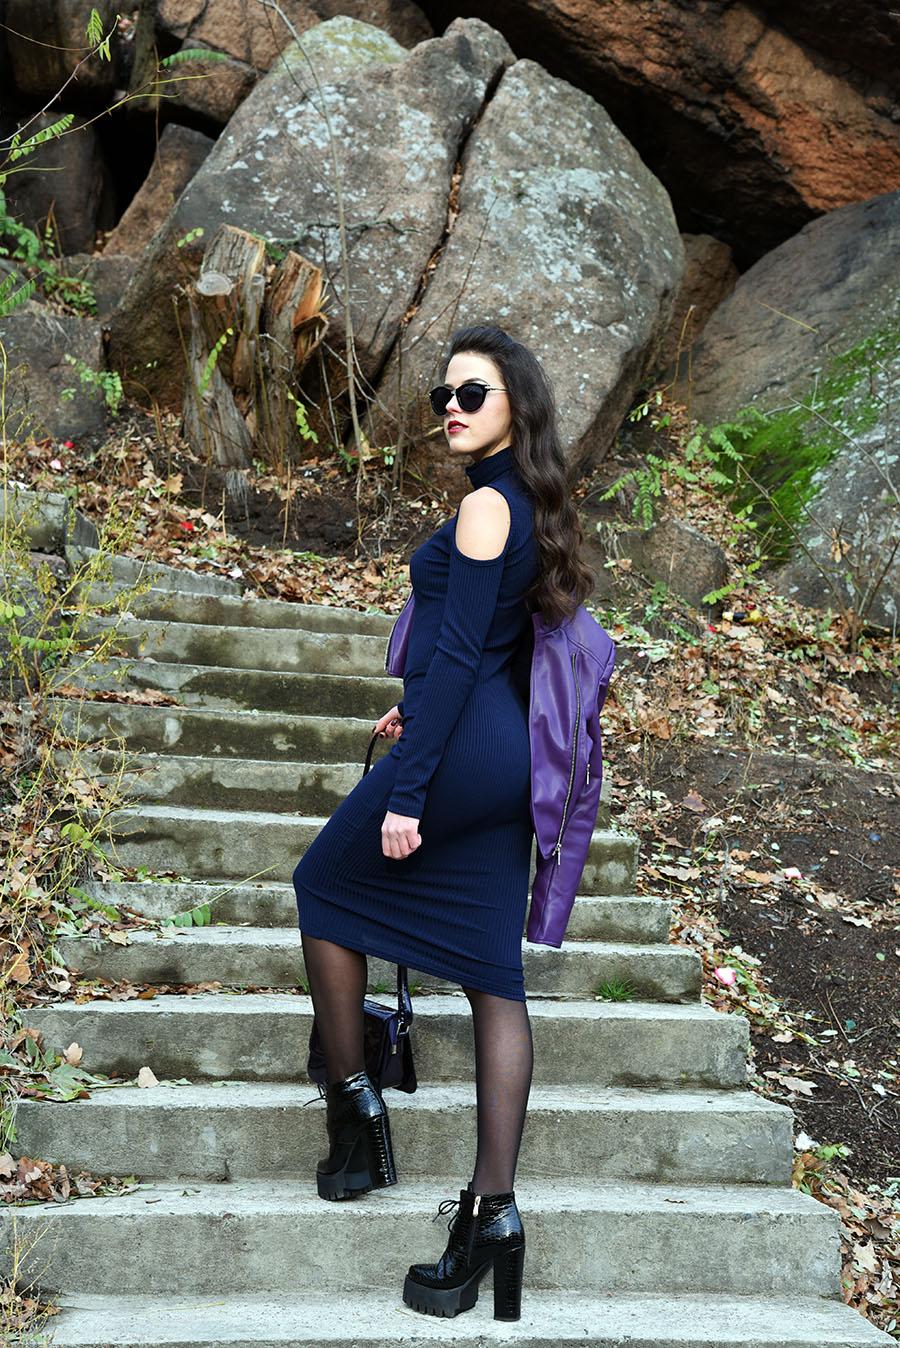 женская кожаная куртка, женская куртка, платье с открытыми плечами